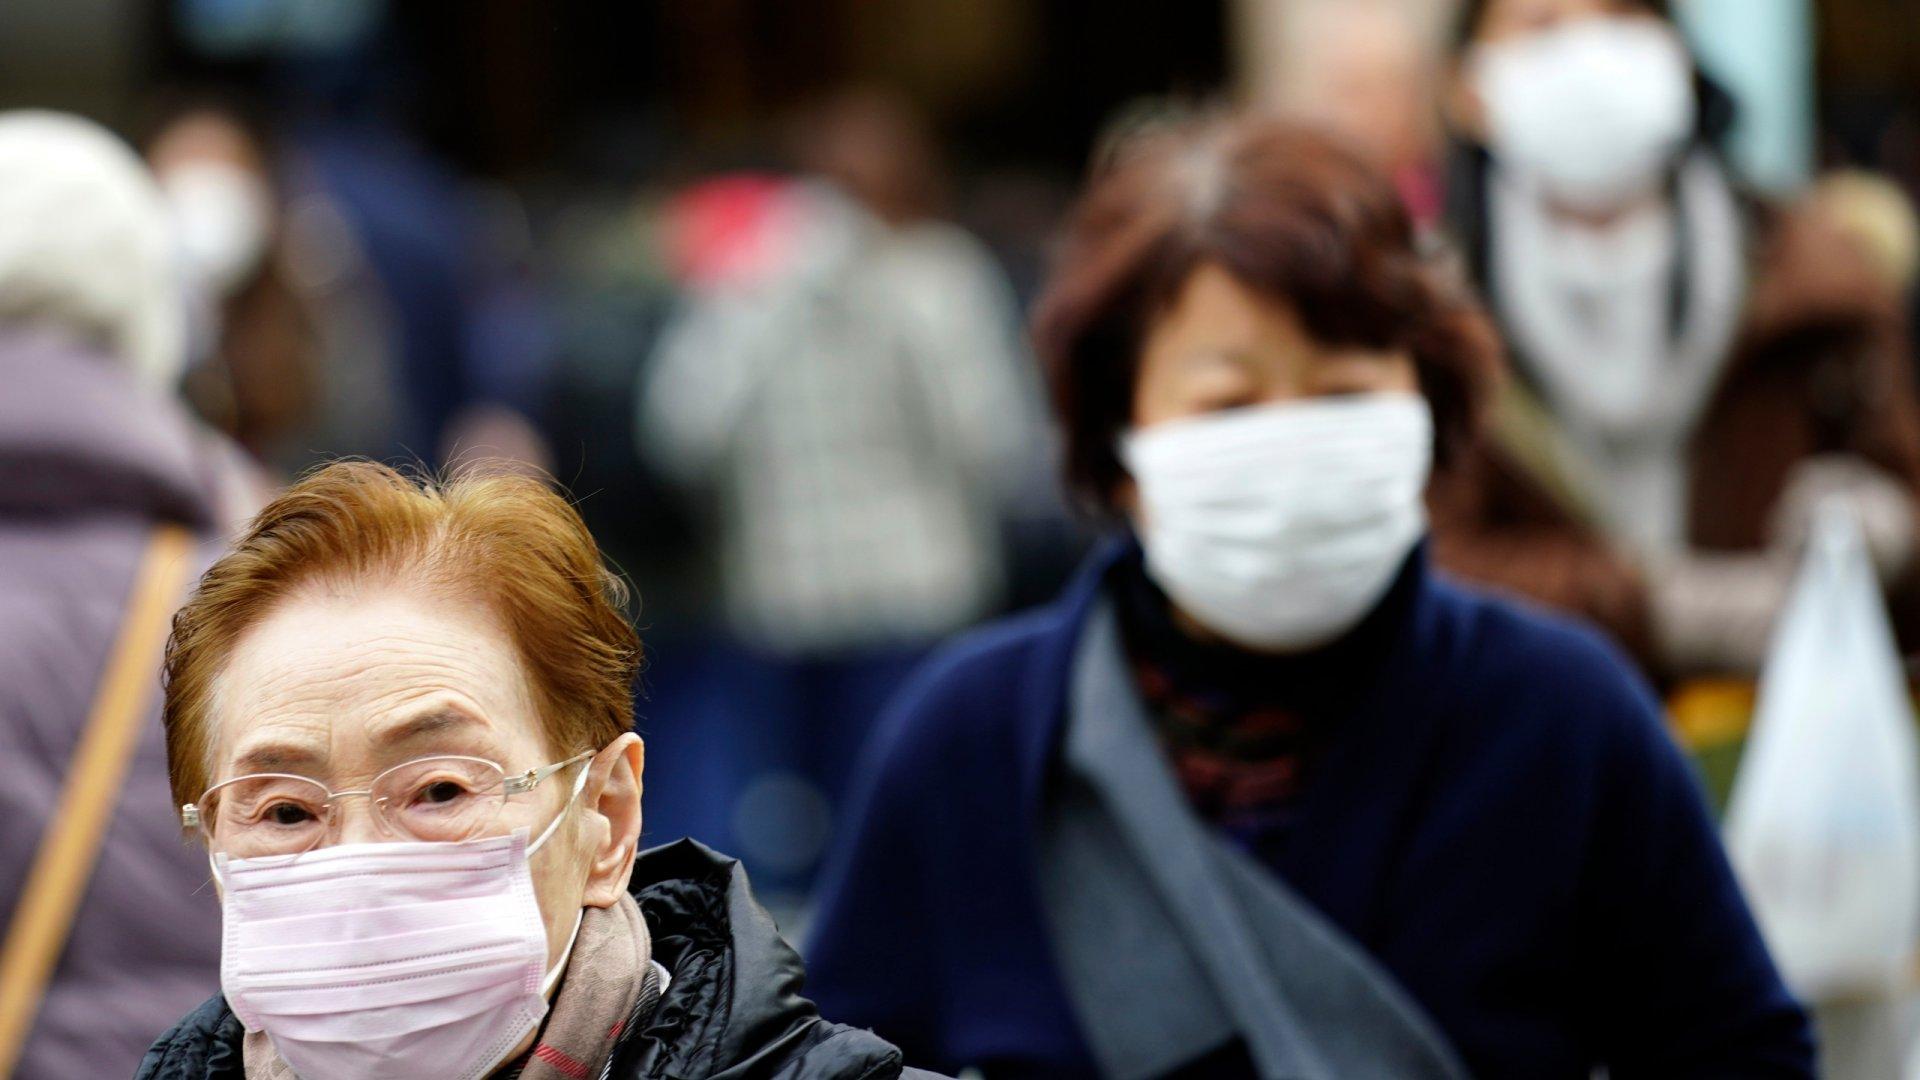 Хятадад дэгдсэн Коронавирус хүнээс хүнд дамжин халдварладаг нь тогтоогдлоо